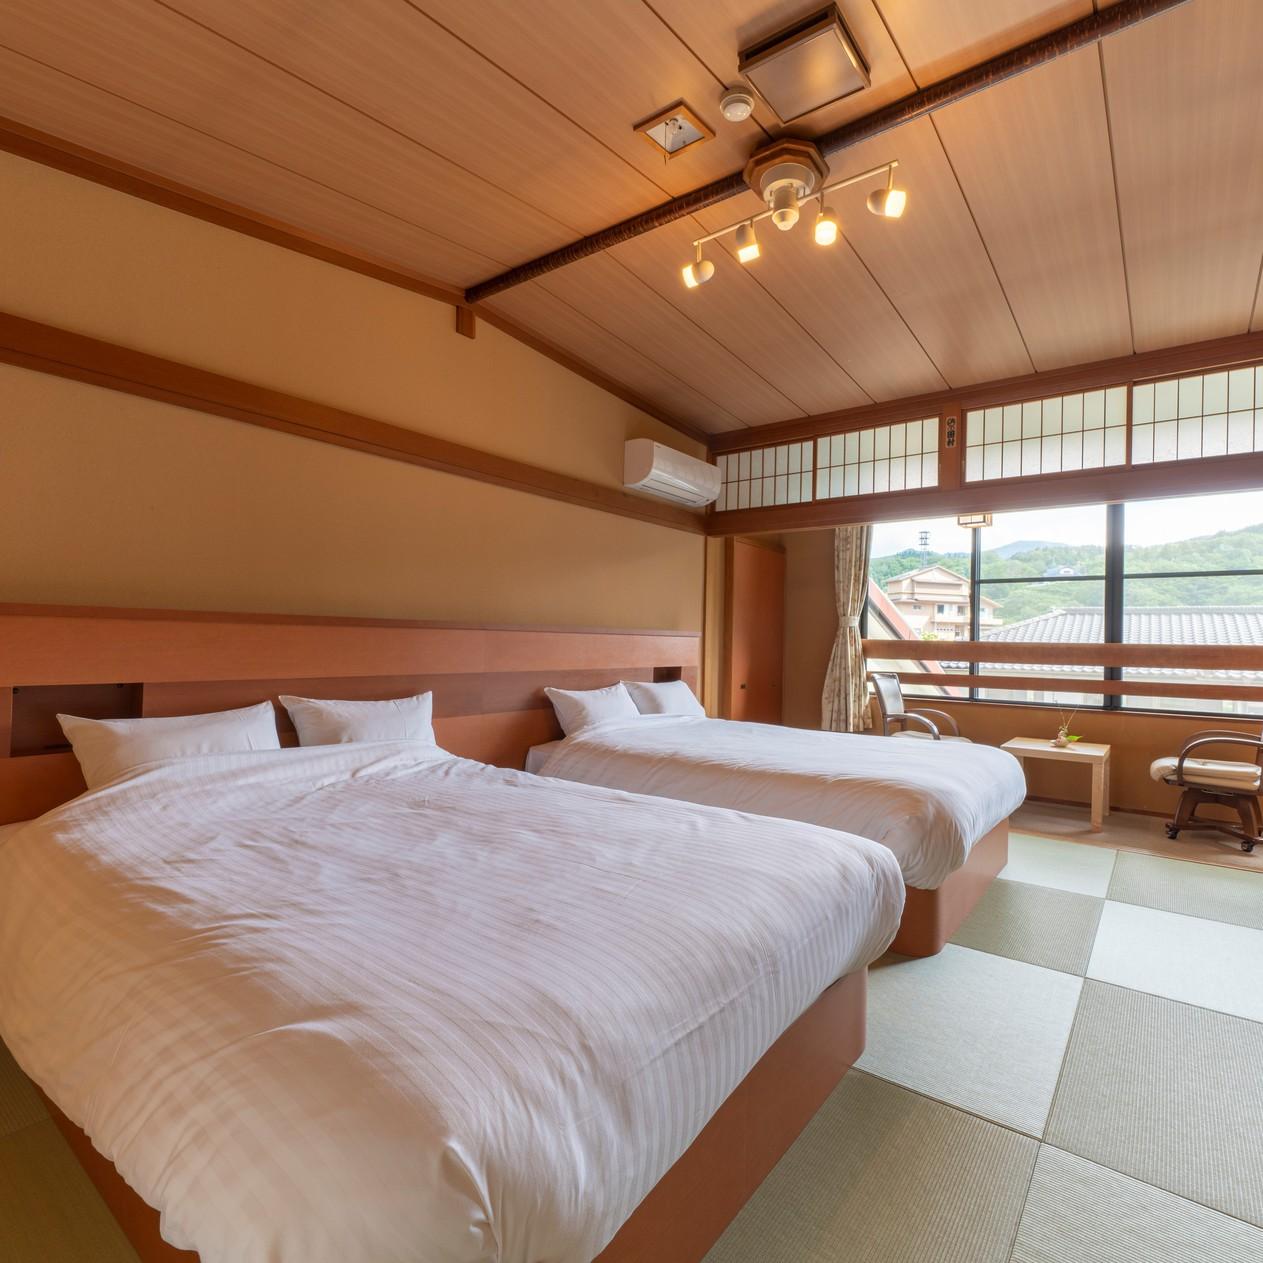 【ベッド付き和室10畳+広縁】温水洗浄トイレ付